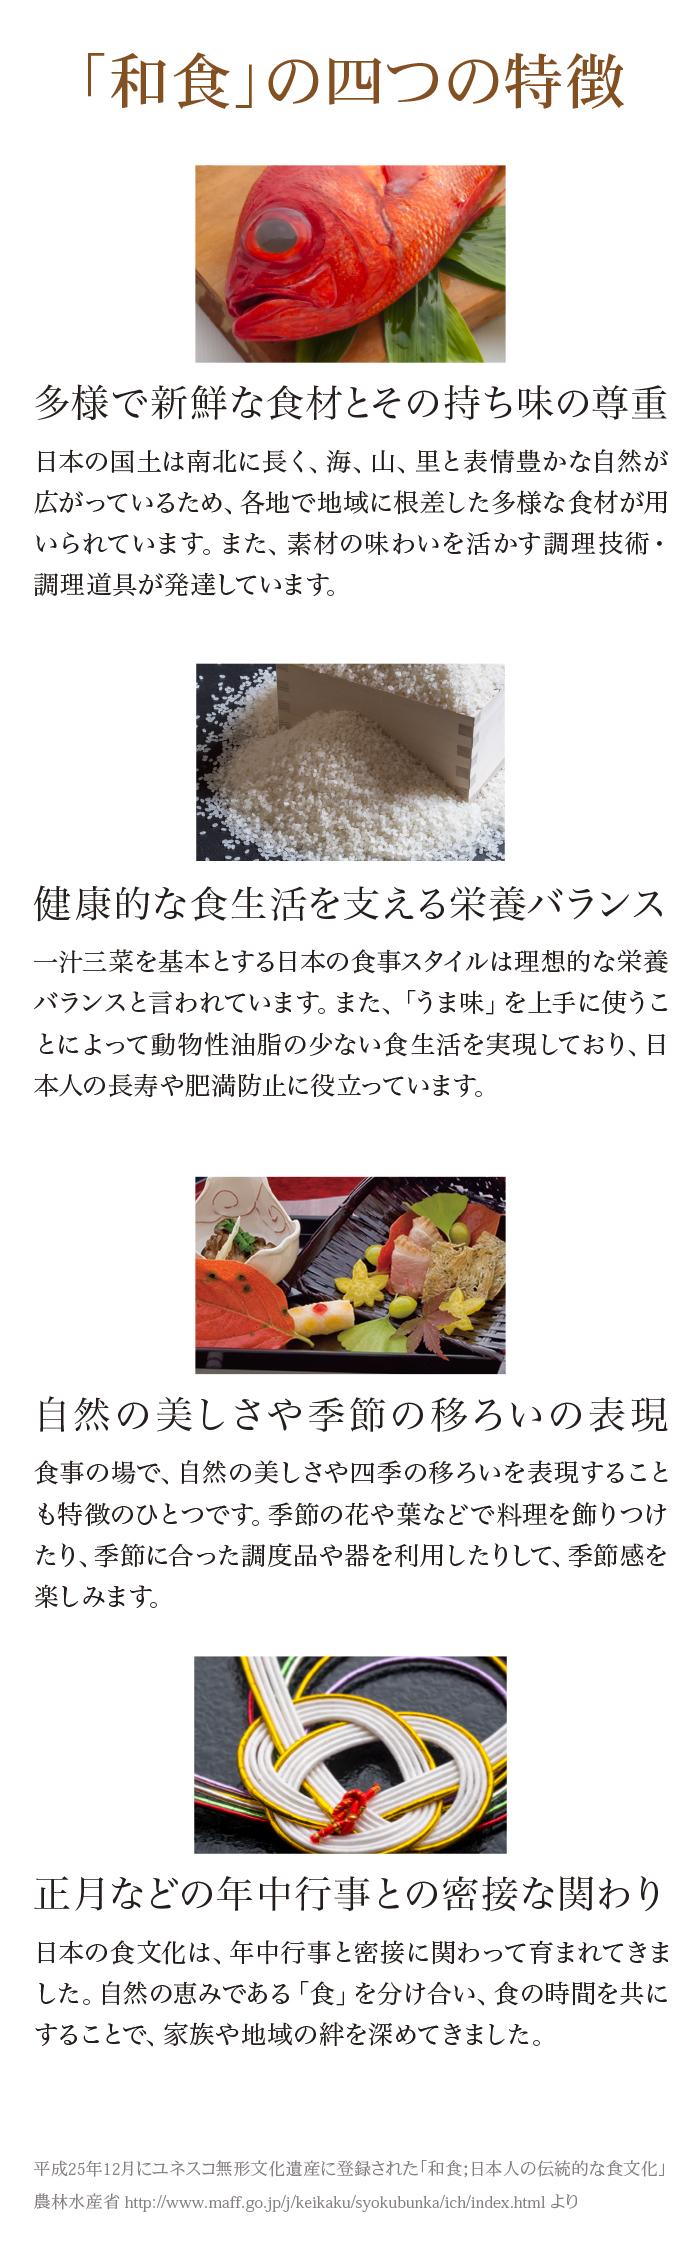 tokucho_s.jpg